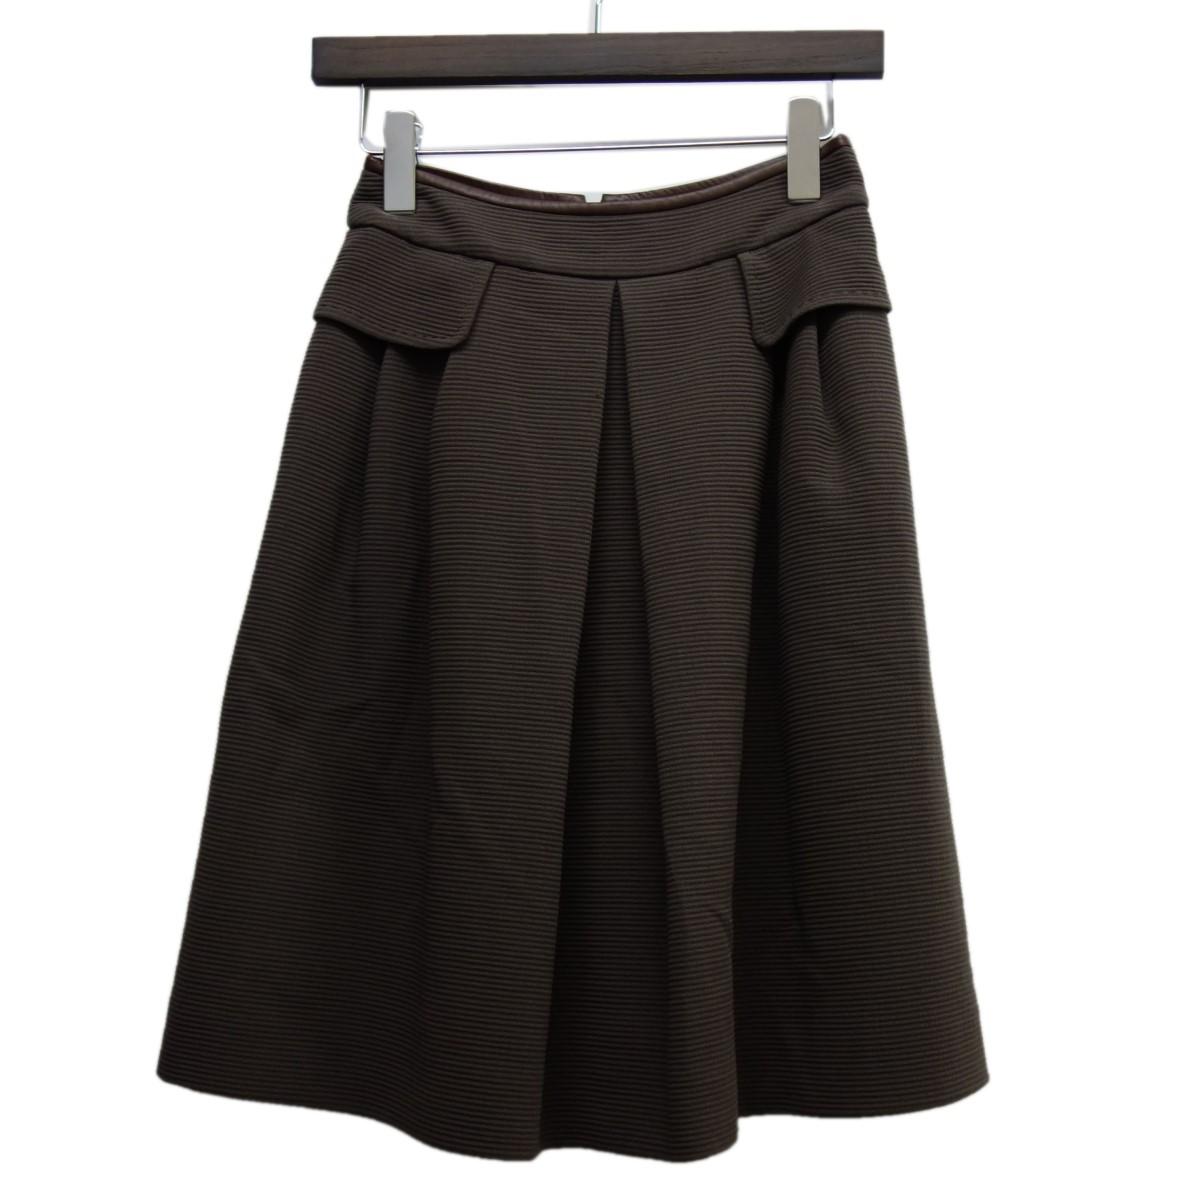 【中古】FOXEYレザーパイピングスカート「Jasmine」 エスプレッソ サイズ:38 【7月13日見直し】